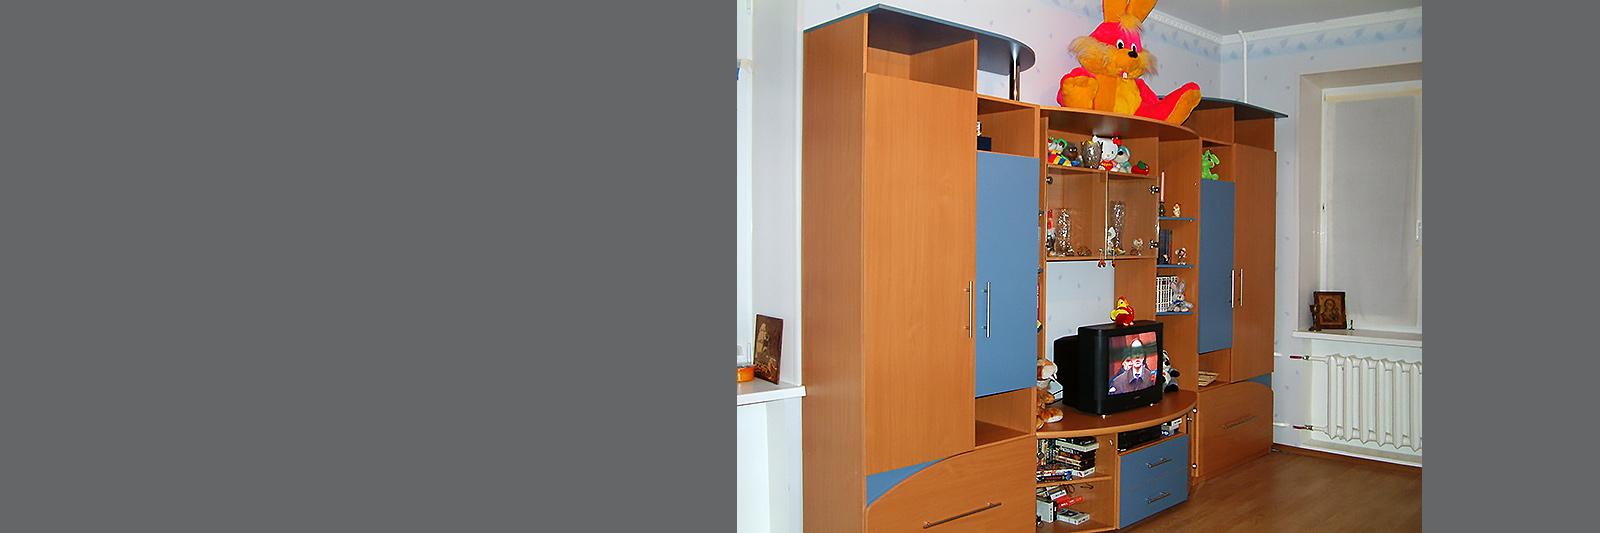 Детская мебель на заказ по размерам из ламинированной ДСП